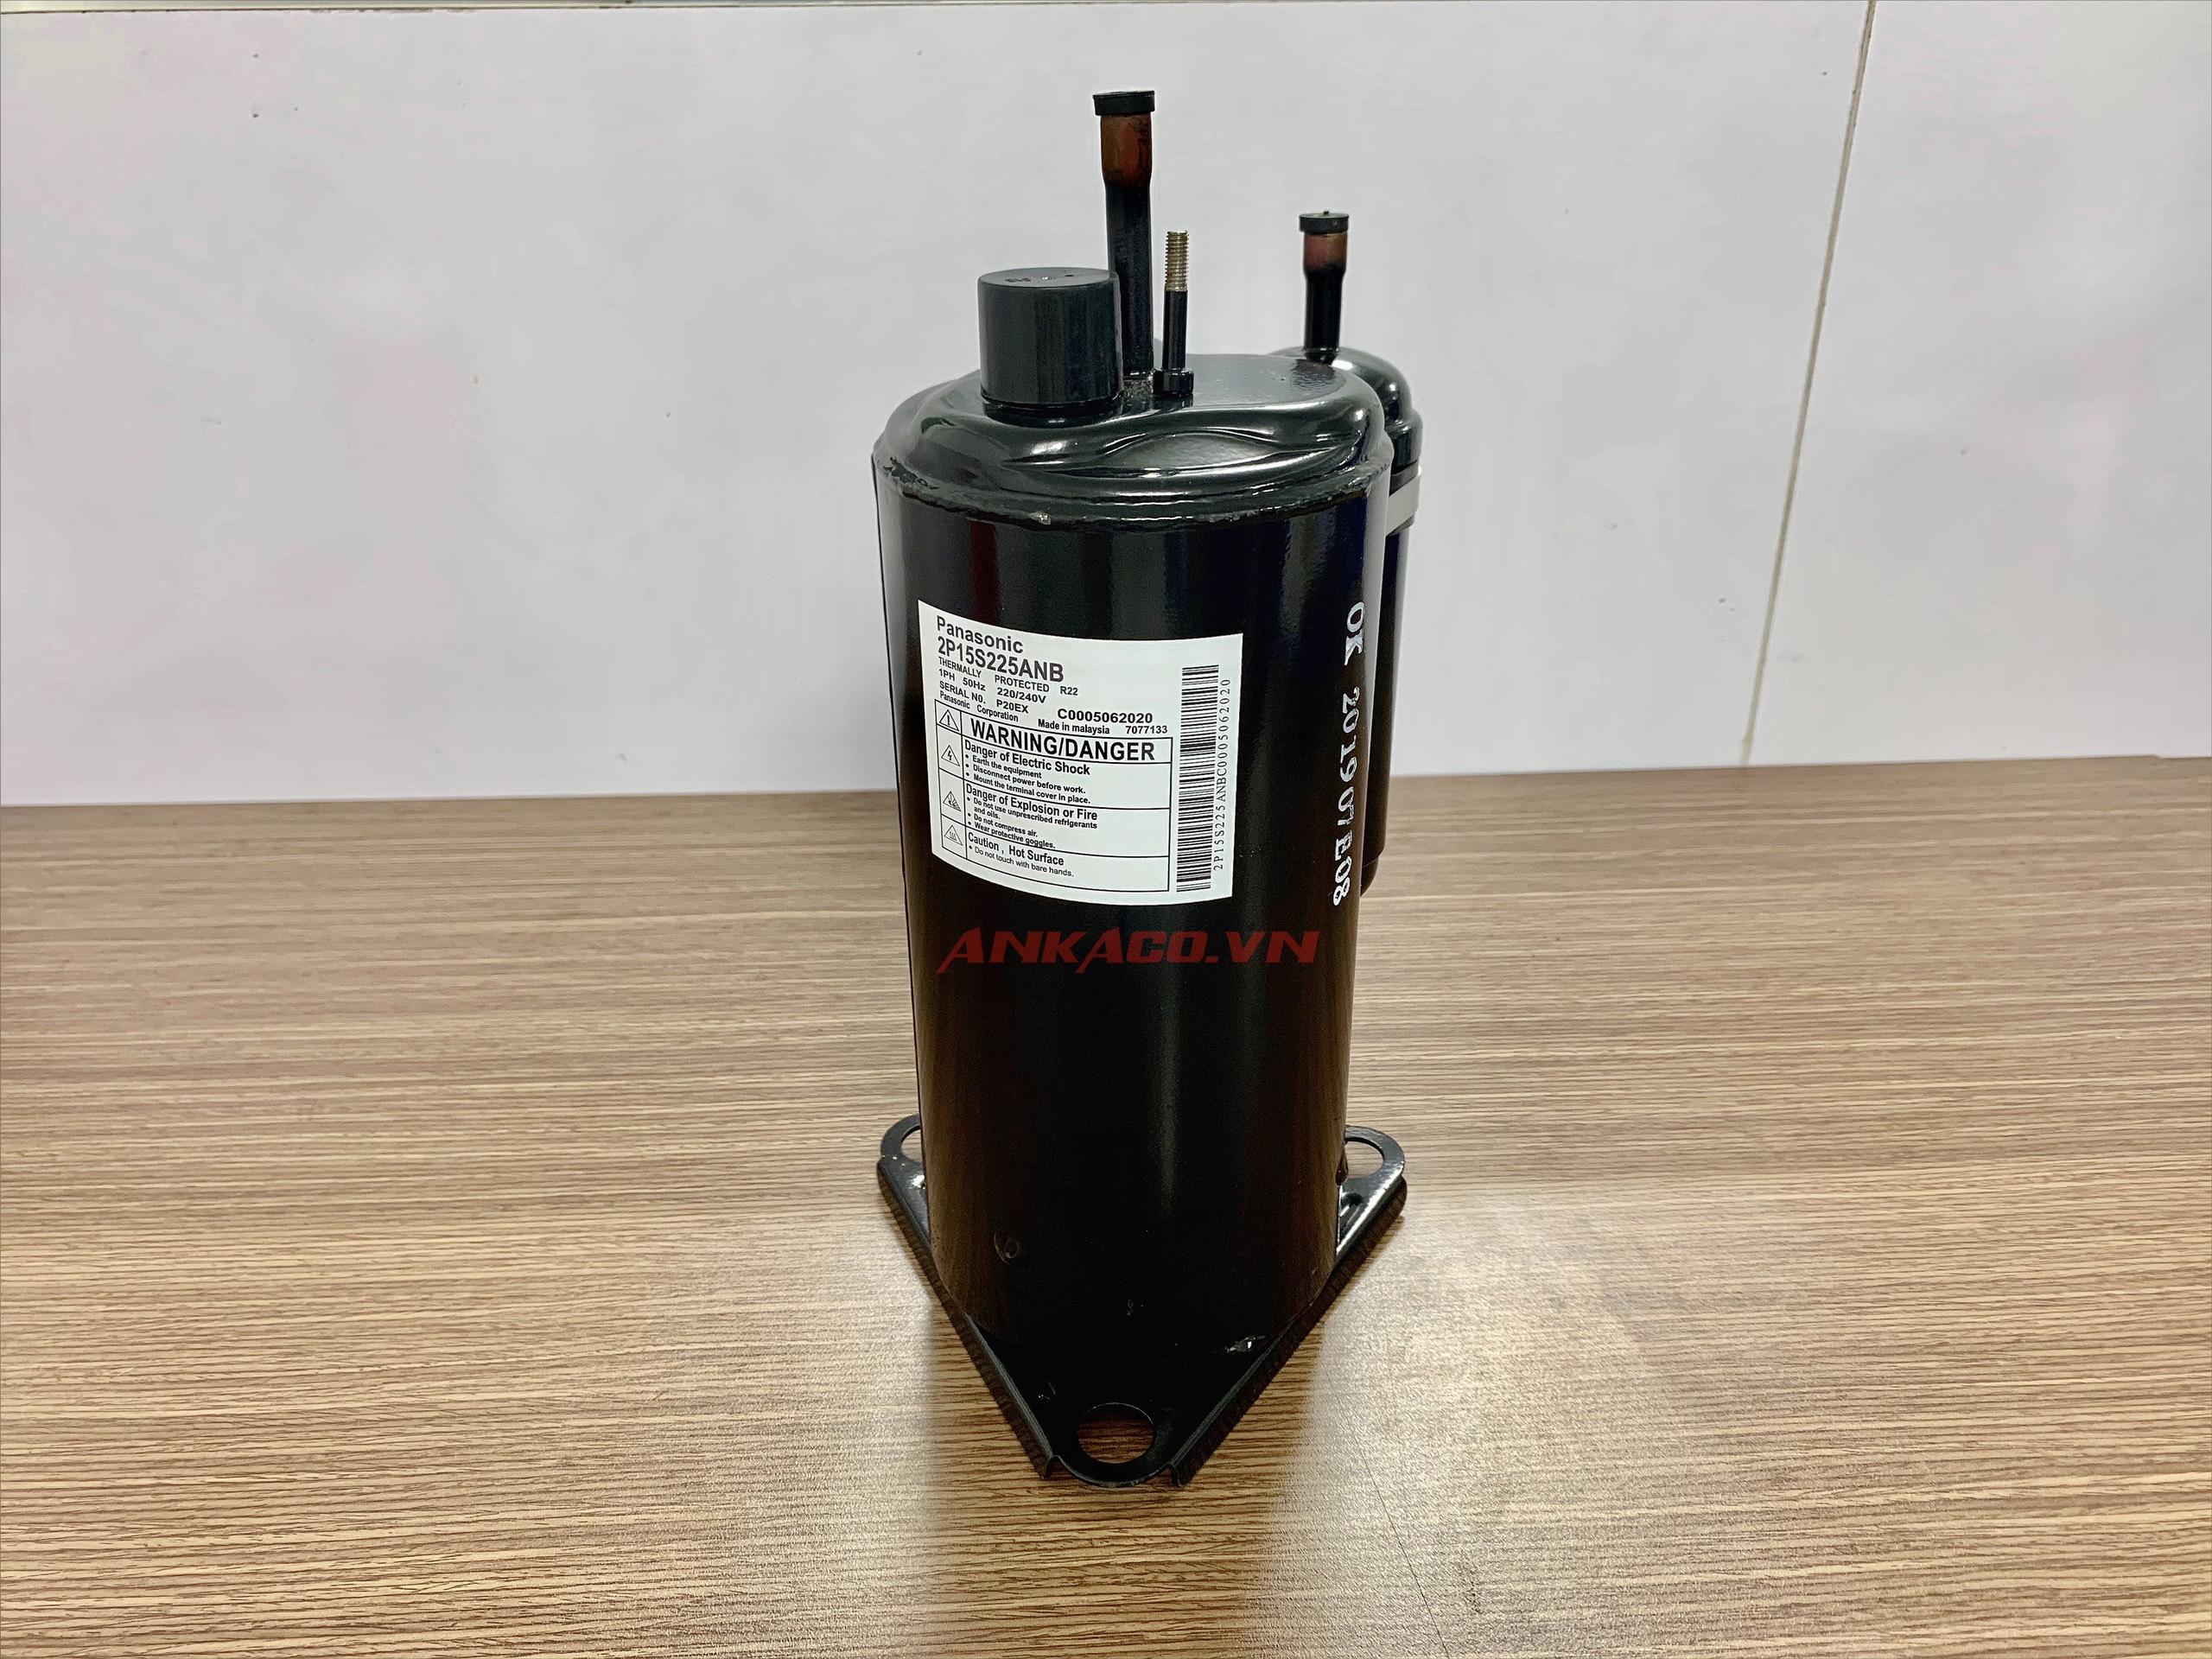 Chuyên cung cấp, lắp đặt Block Panasonic 1 hp, 2 hp, 3 hp chất lượng, uy tín